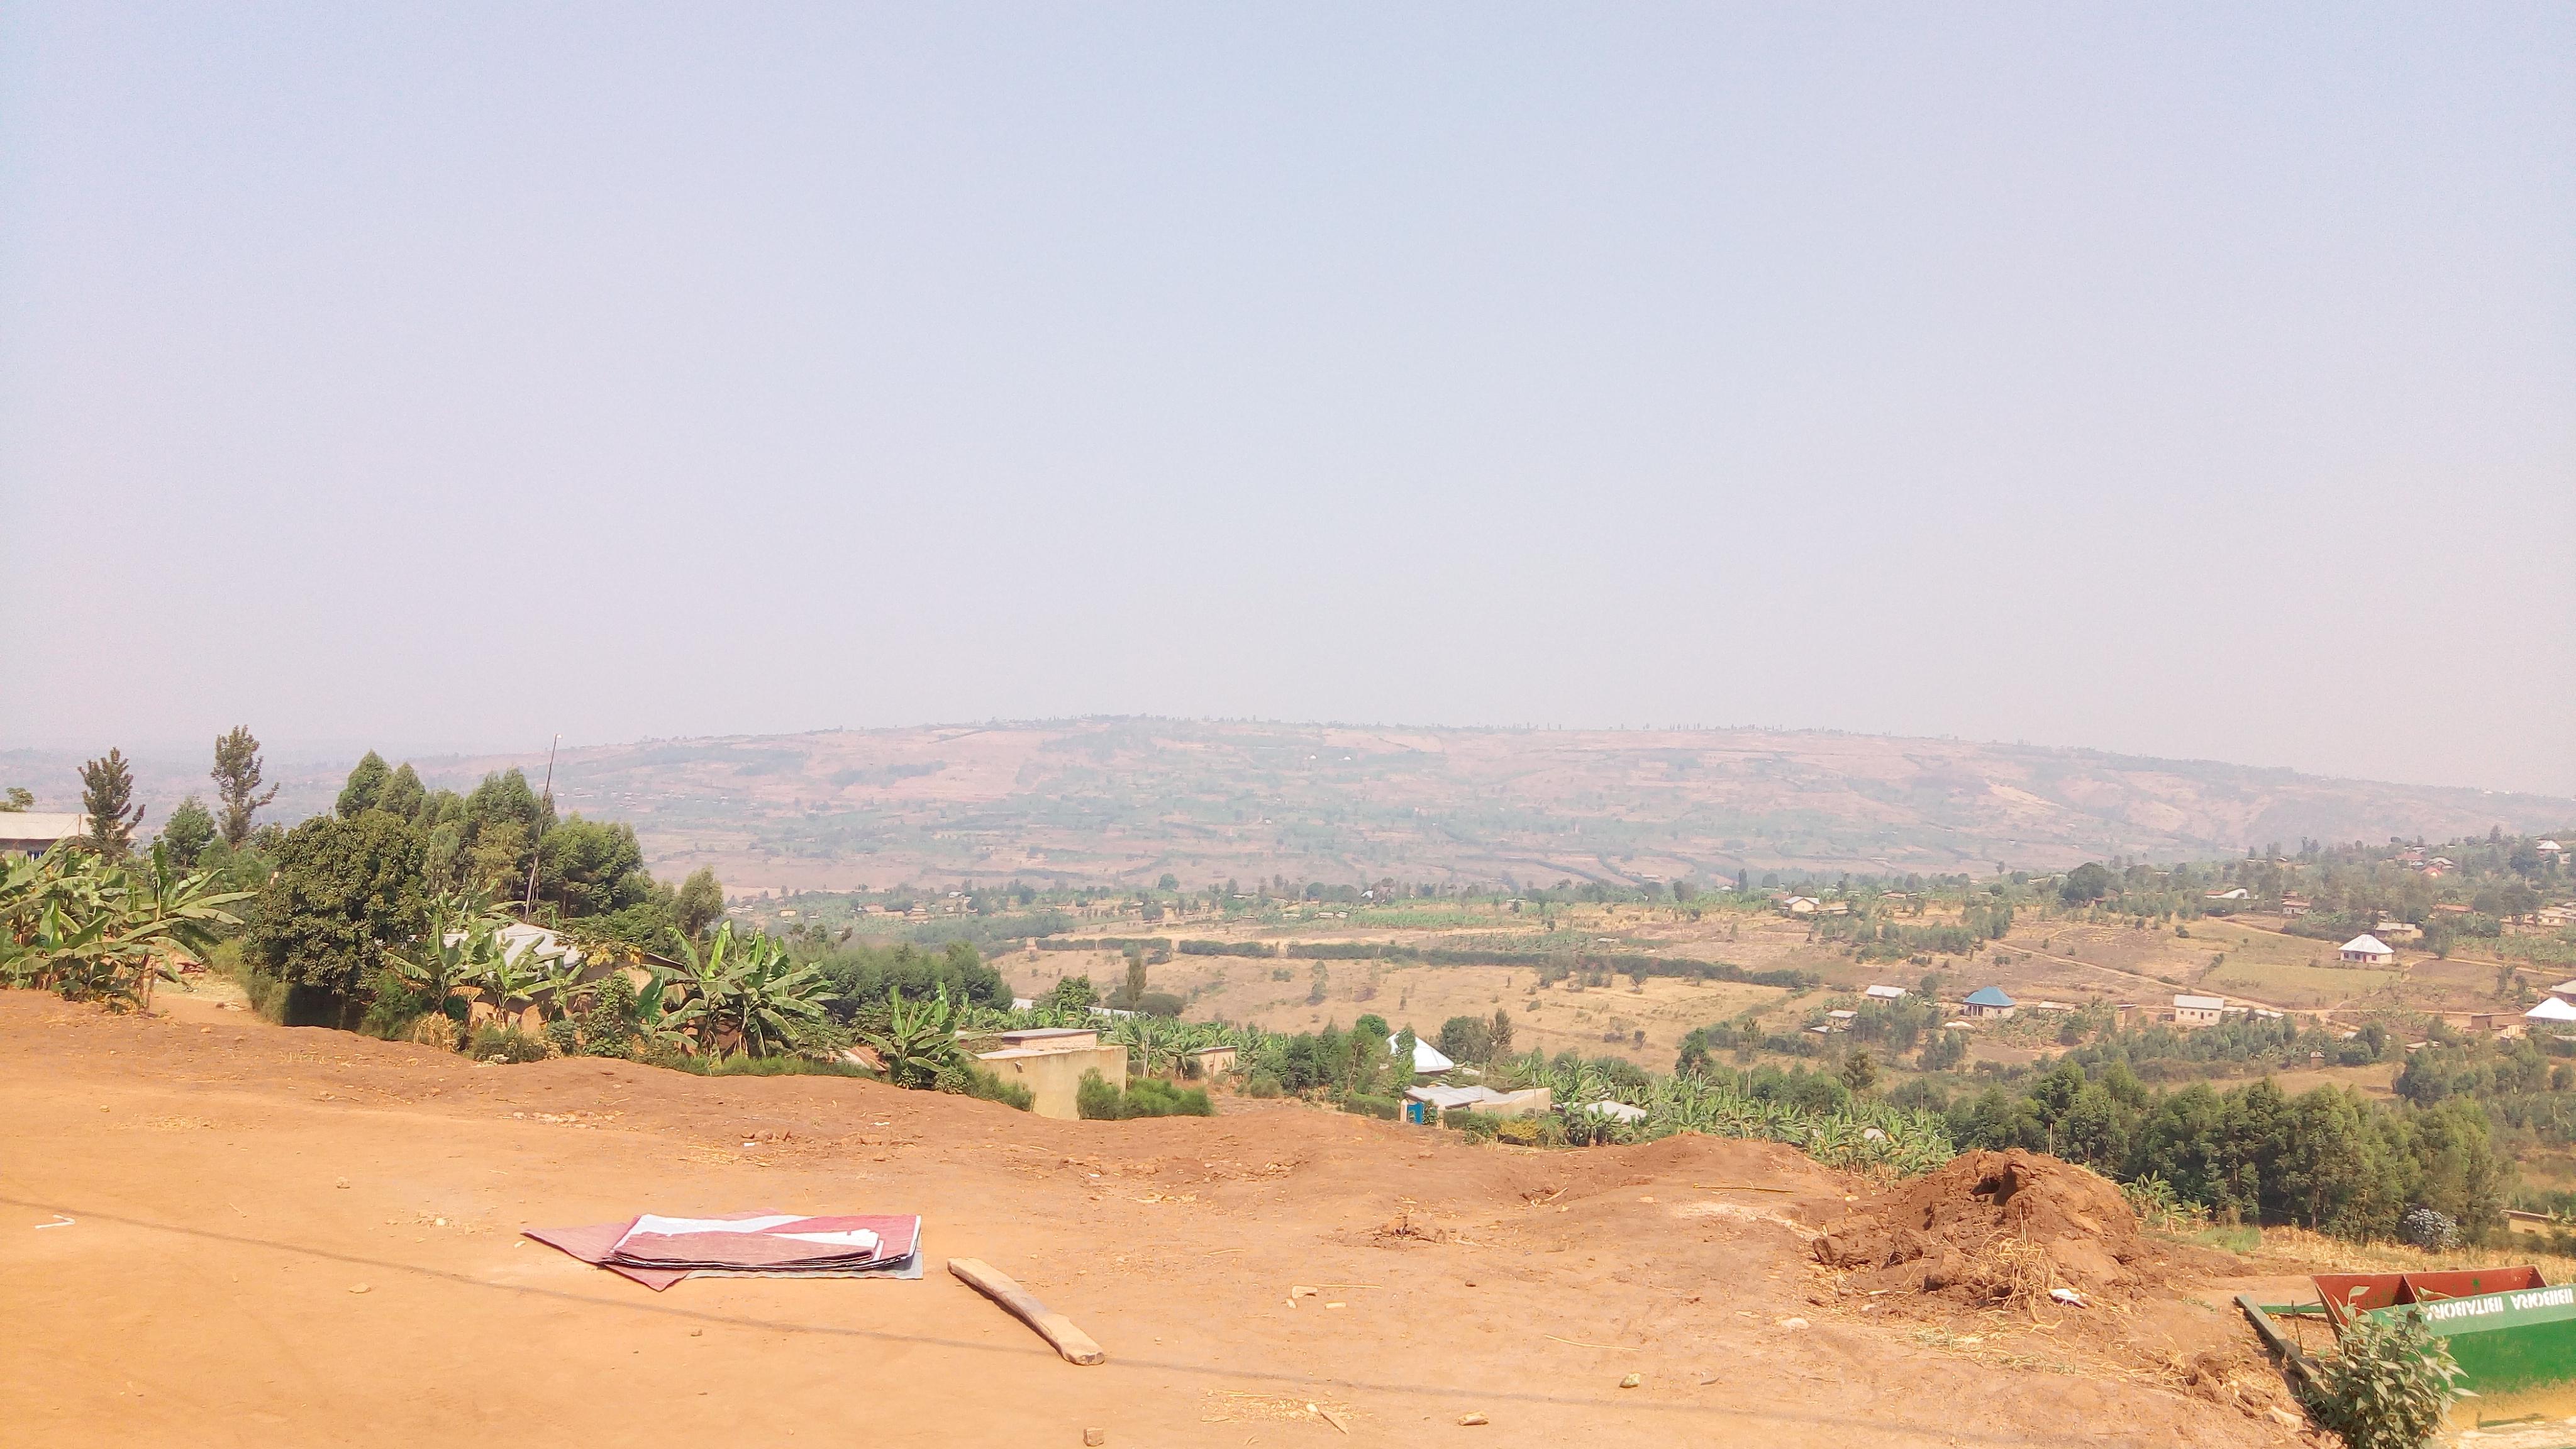 ルワンダの気候と水事情について